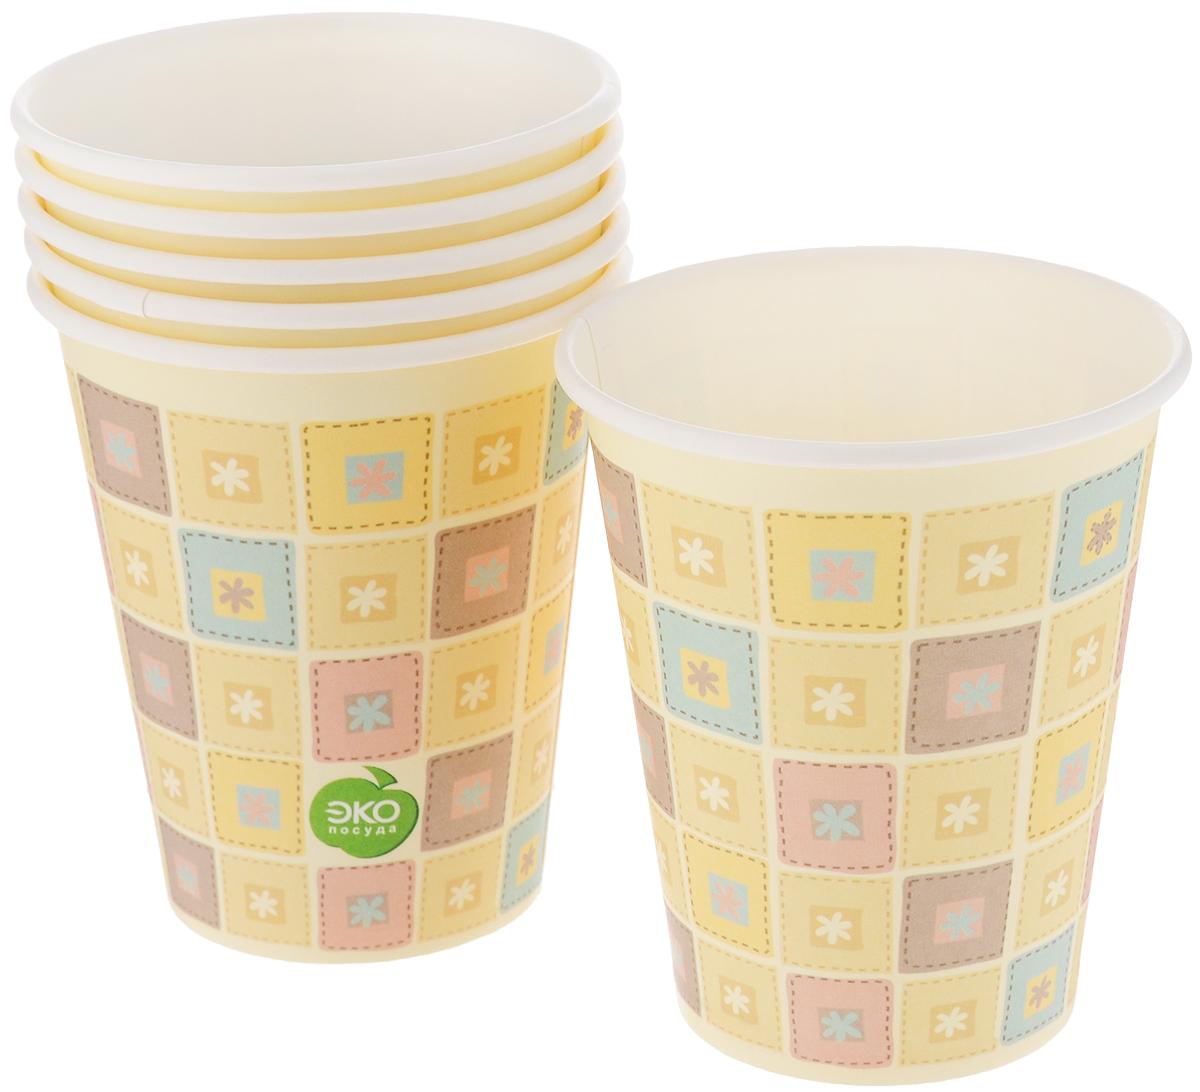 Набор бумажных стаканов Paterra Нарядные, 330 мл, 6 шт401-469Набор Paterra Нарядные состоит из 6 стаканов, предназначенных для одноразового использования. Изделия украшены узором. Такие стаканы подойдут как для холодных, так и для горячих напитков. Имеют водоотталкивающие свойства. Одноразовые стаканы будут незаменимы при поездках на природу, пикниках и других мероприятиях. Они легкие и не займут много места, а самое главное - после использования их не надо мыть. Диаметр стакана: 8 см. Высота стакана: 9,5 см.